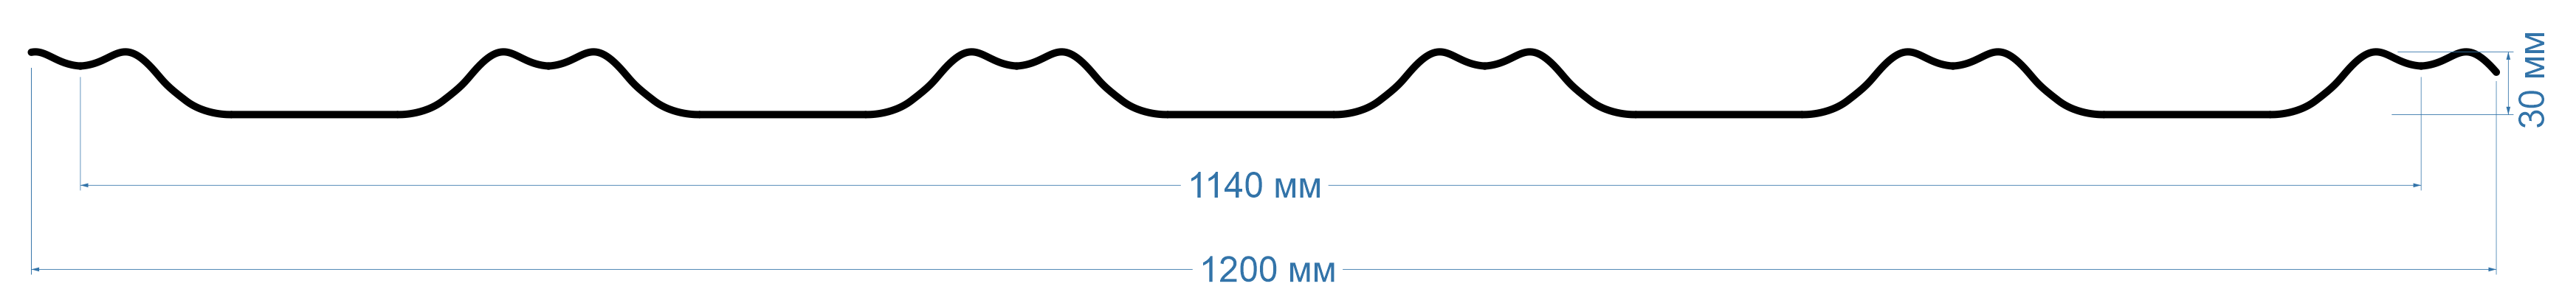 Металлочерепица Финера  в Саратове - купить Металлочерепица Финера  в Саратове прайс-лист цена 2021